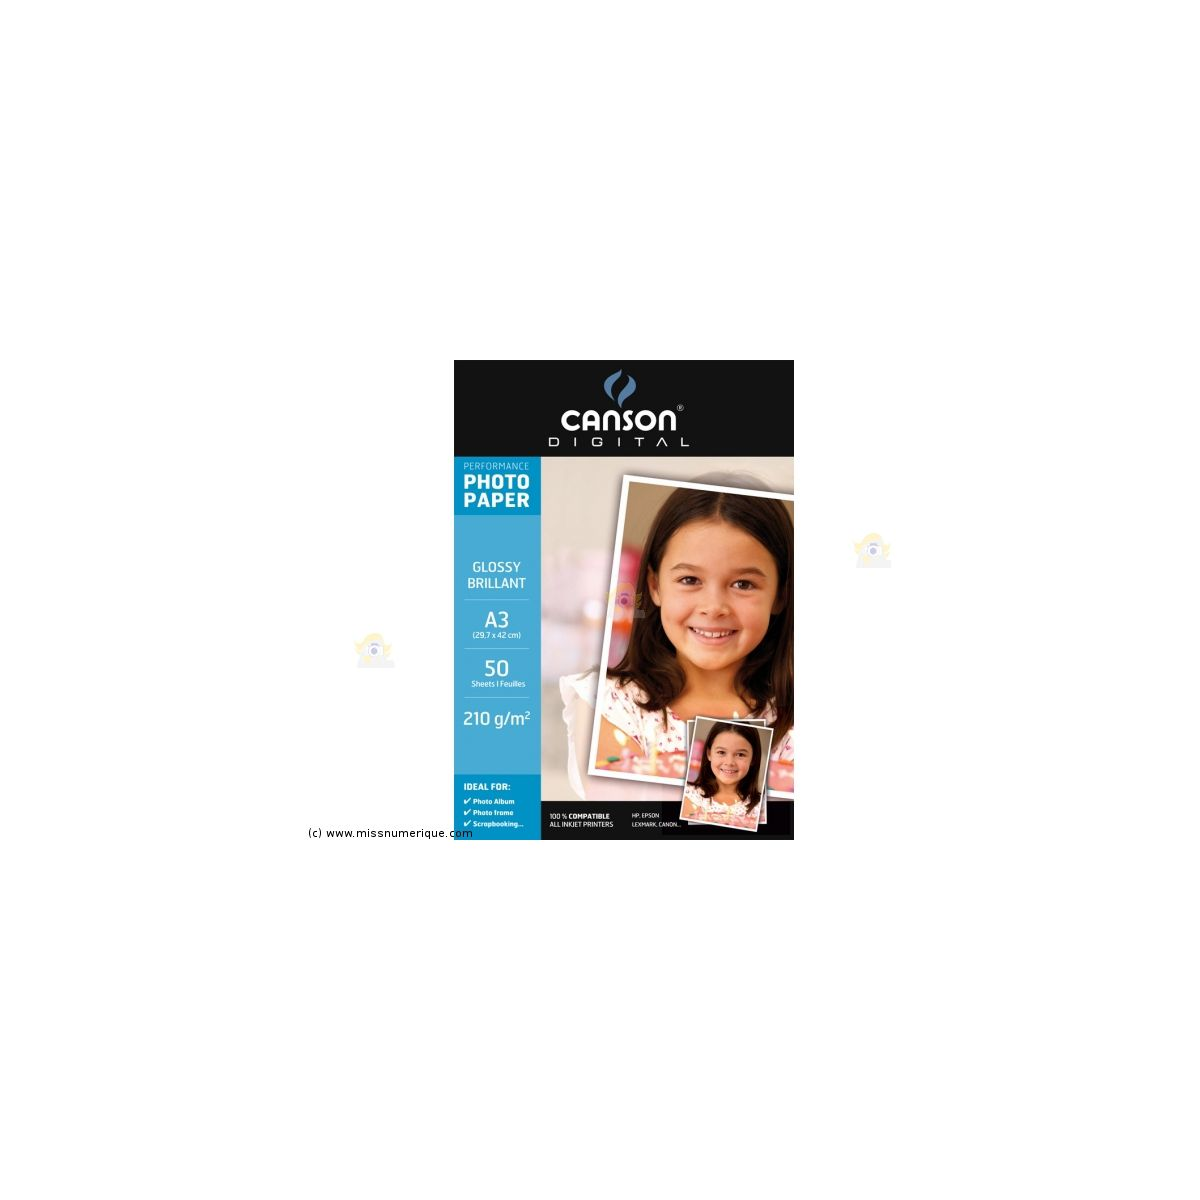 Papier photo canson bte 50fl a3 210g phot brillant - 7% de remise imm�diate avec le code : deal7 (photo)